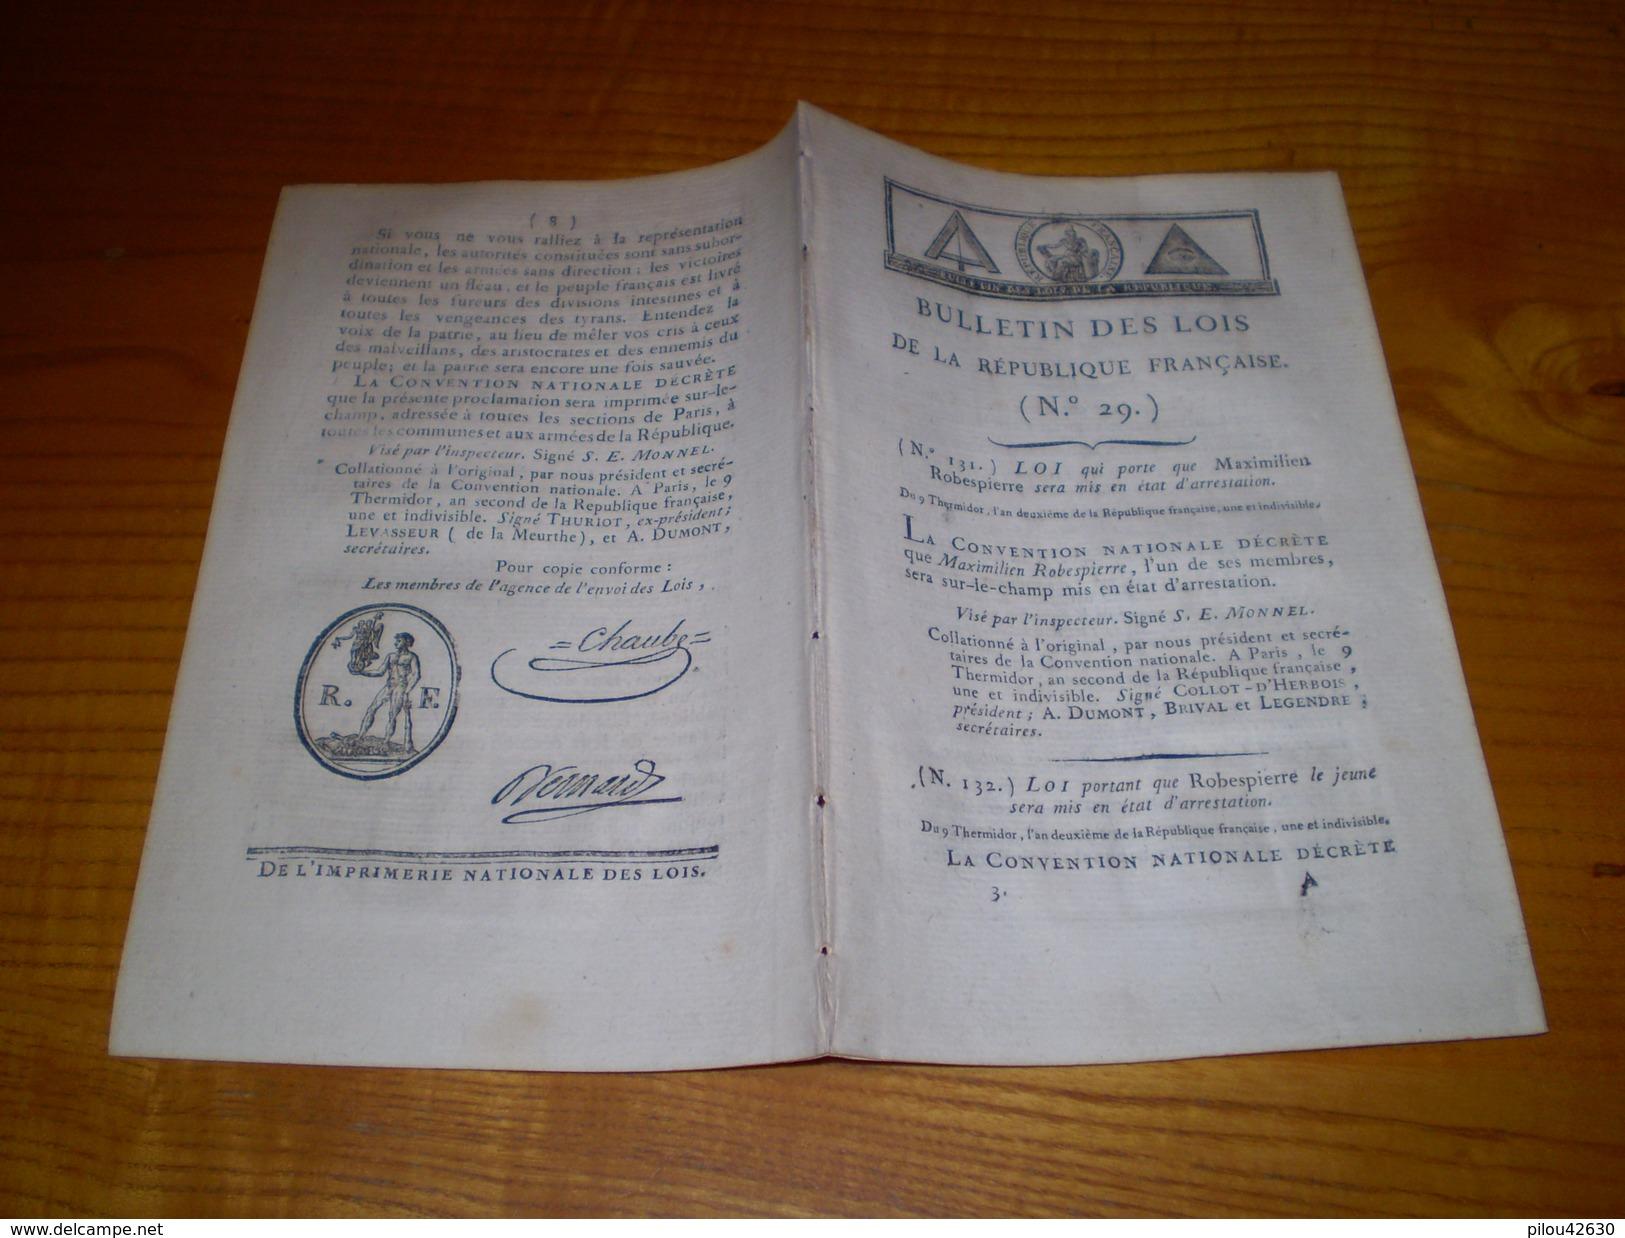 Lois An 2: Mise En Accusation De Robespierre,Couthon,Lebas 9 Thermidor, Gillotiné Le 10. Dumas Tribunal Révolutionnaire - Décrets & Lois